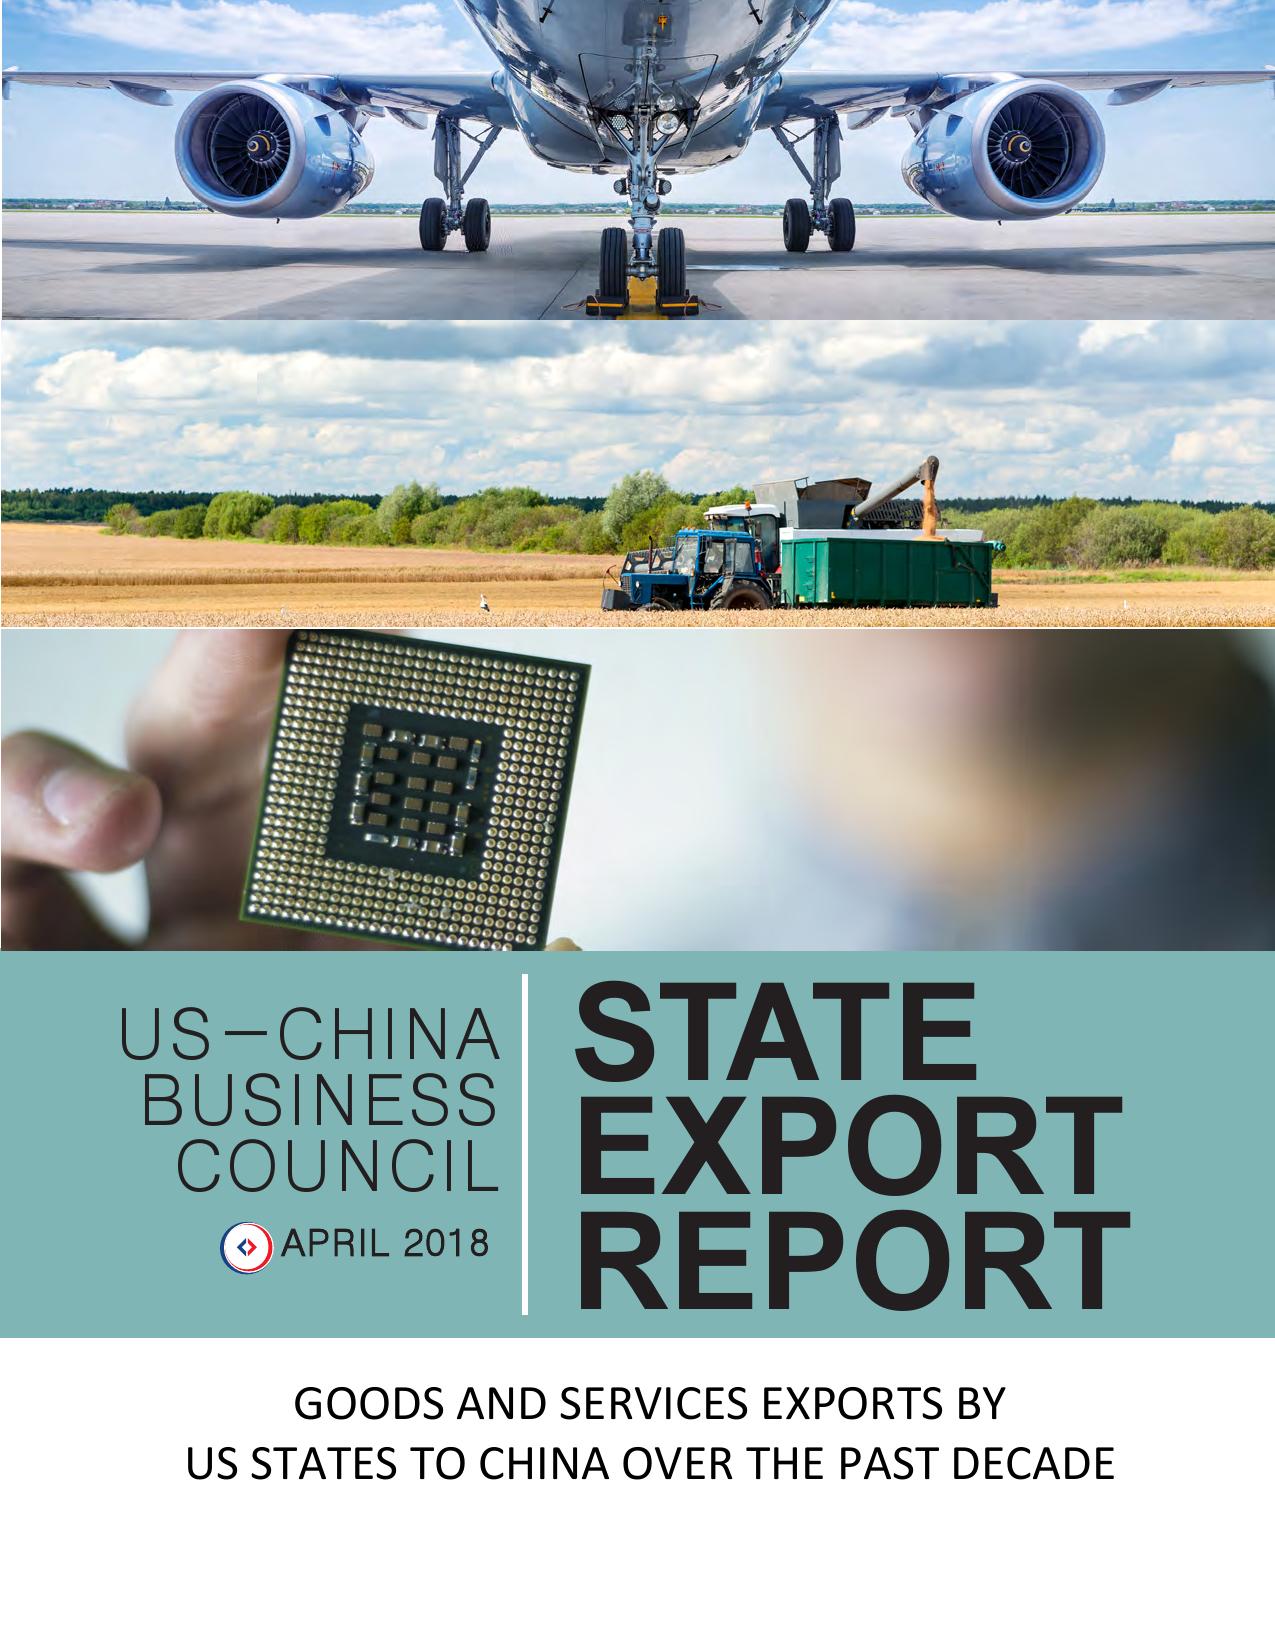 美中贸易年度报告:过去十年美国向中国出口的商品和服务